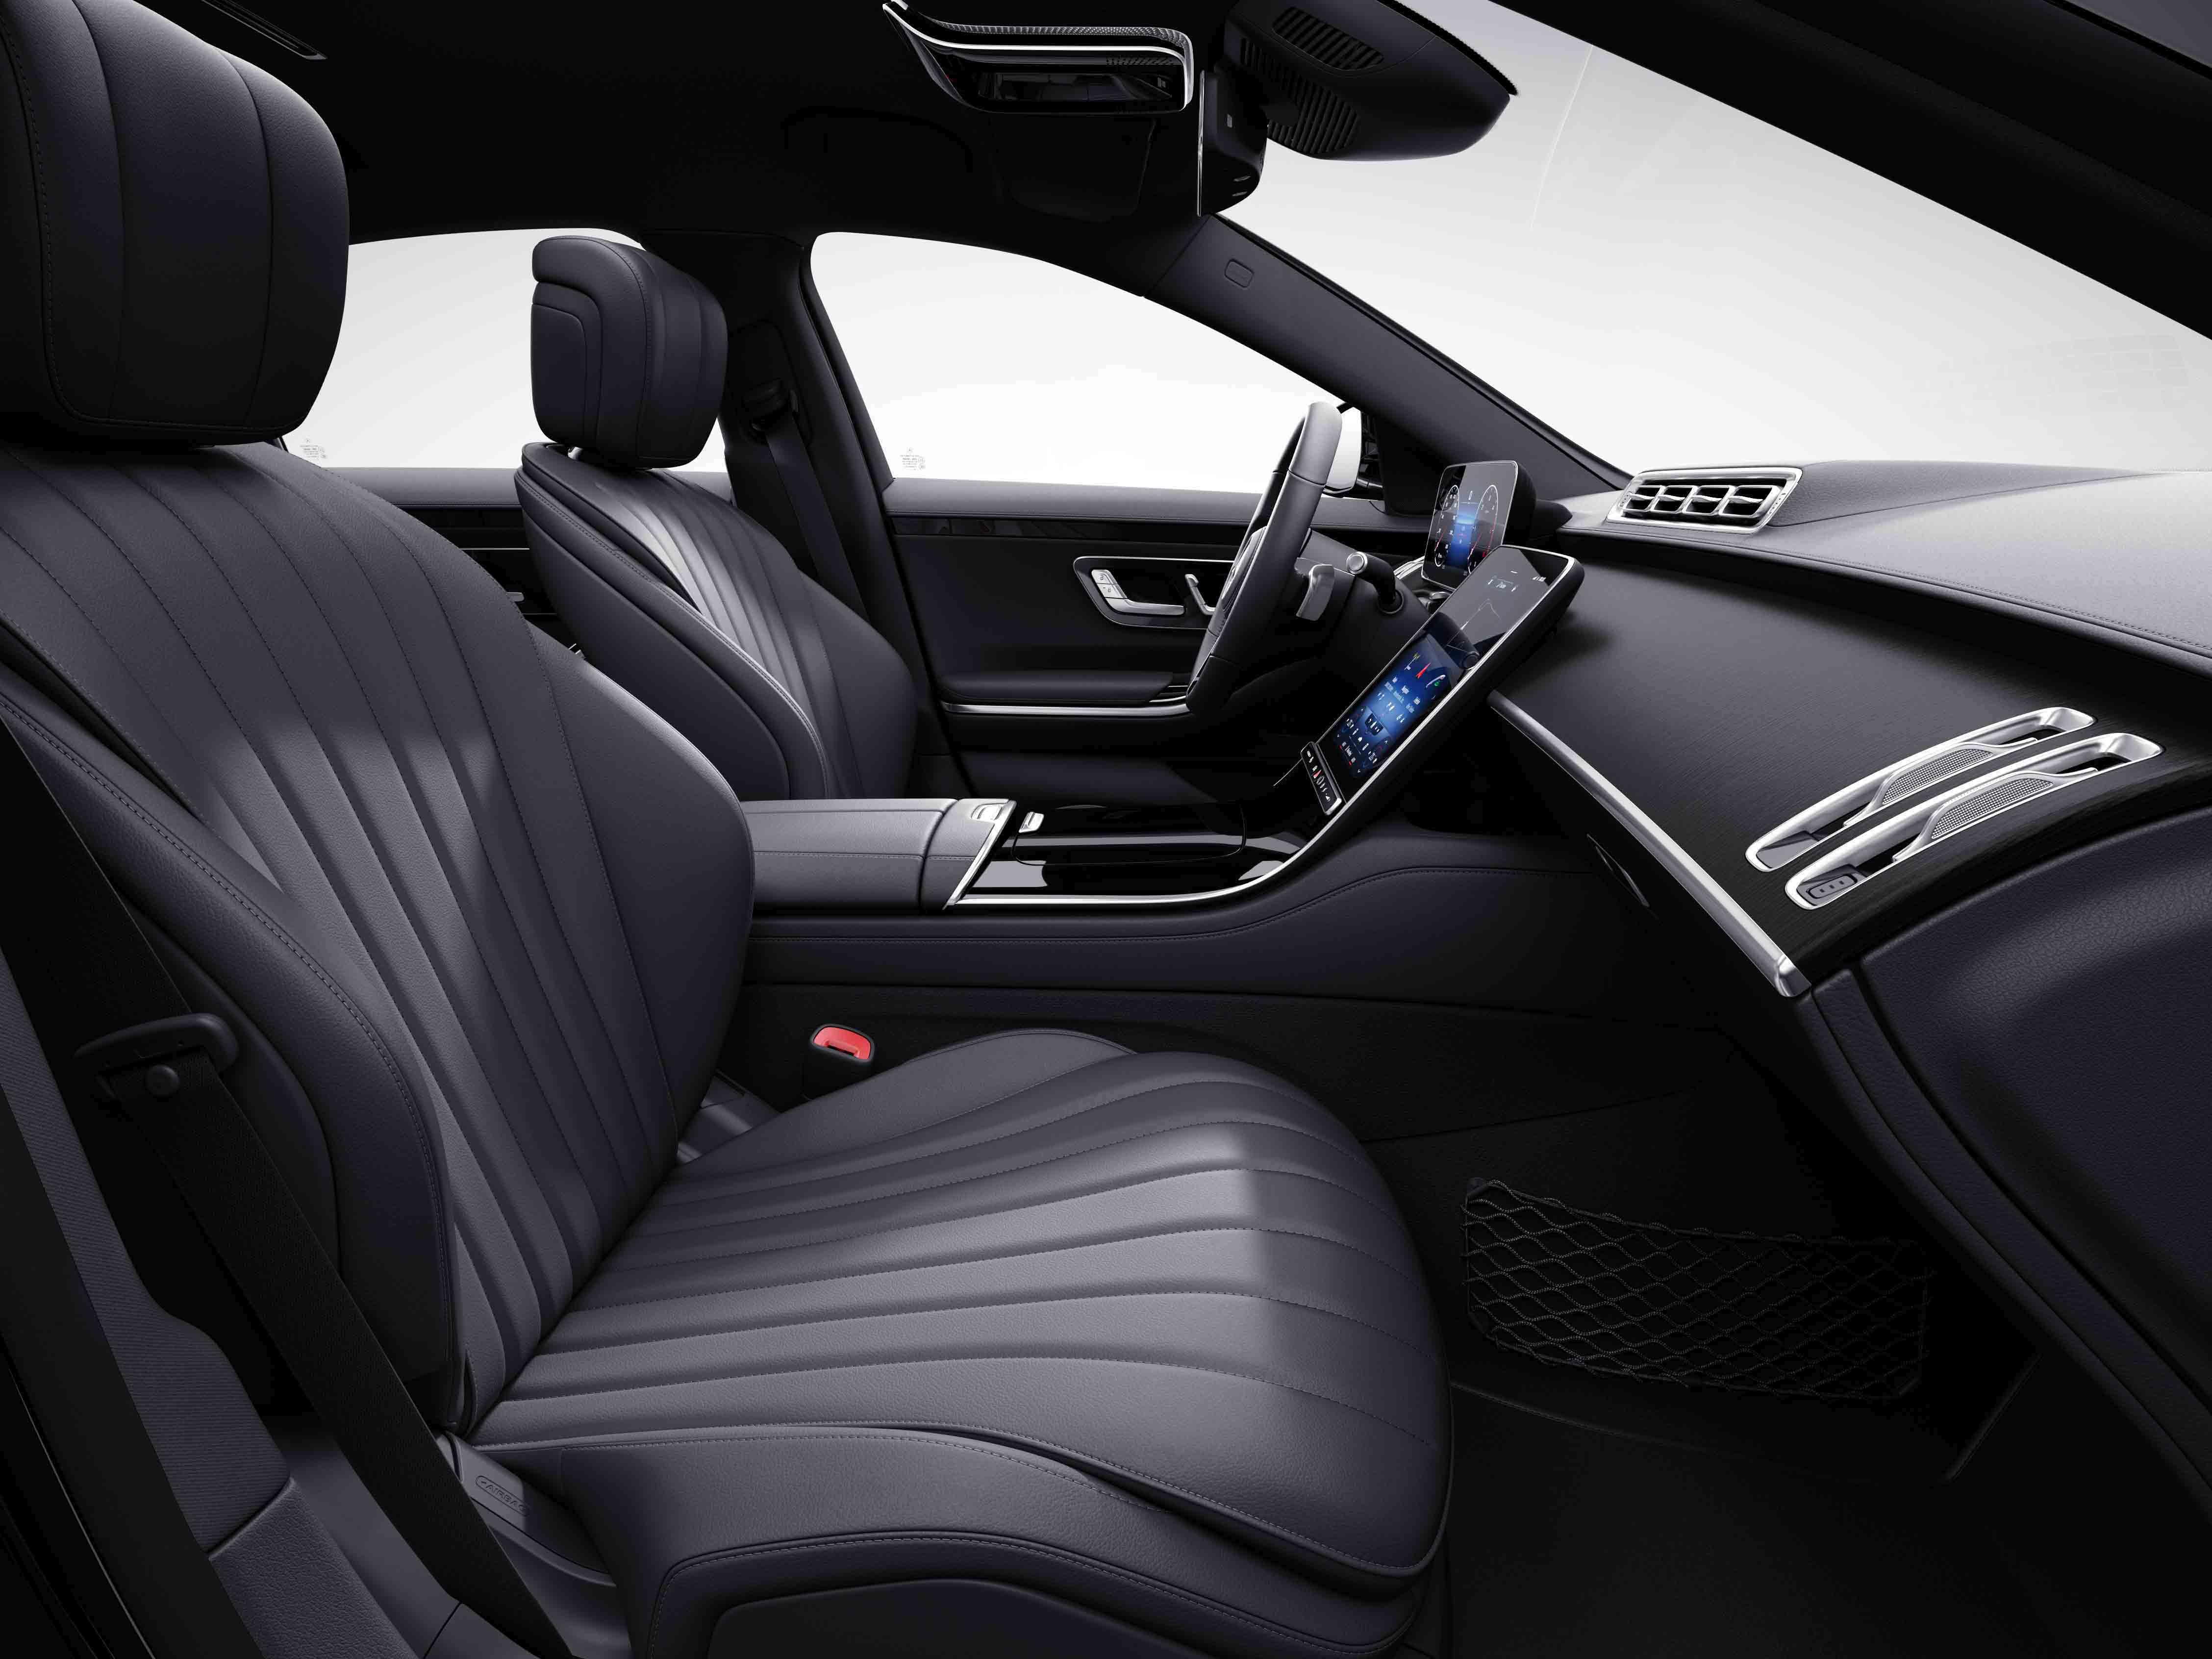 Habitacle de la Mercedes Classe S Limousine avec une sellerie cuir nappa - marron noix noir